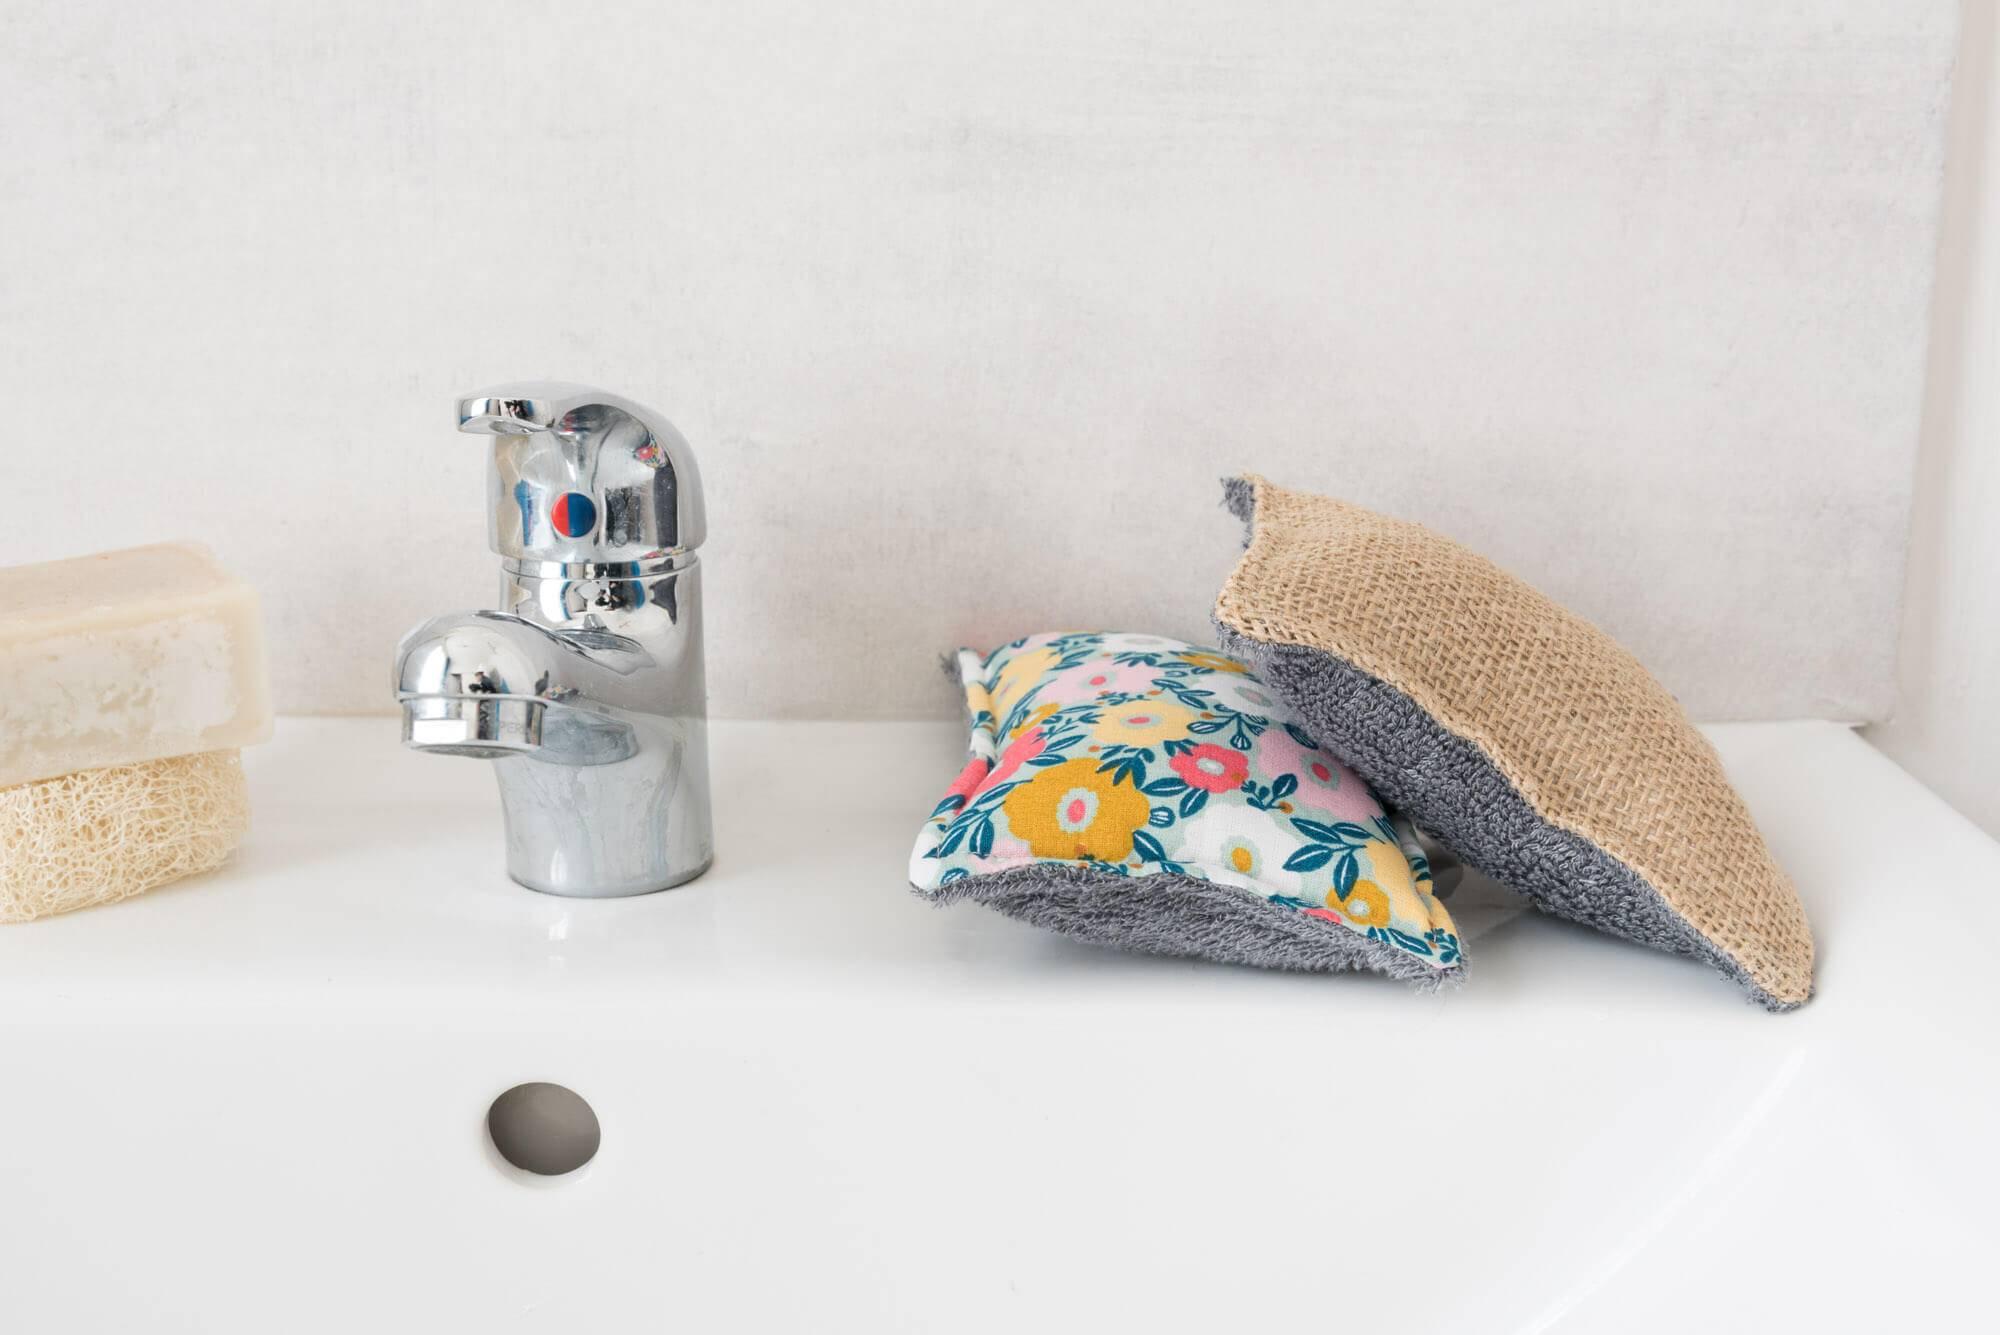 Eponges lavabes en jute+coton pour la vaisselle et bambou+coton pour la cuisine et la salle de bain